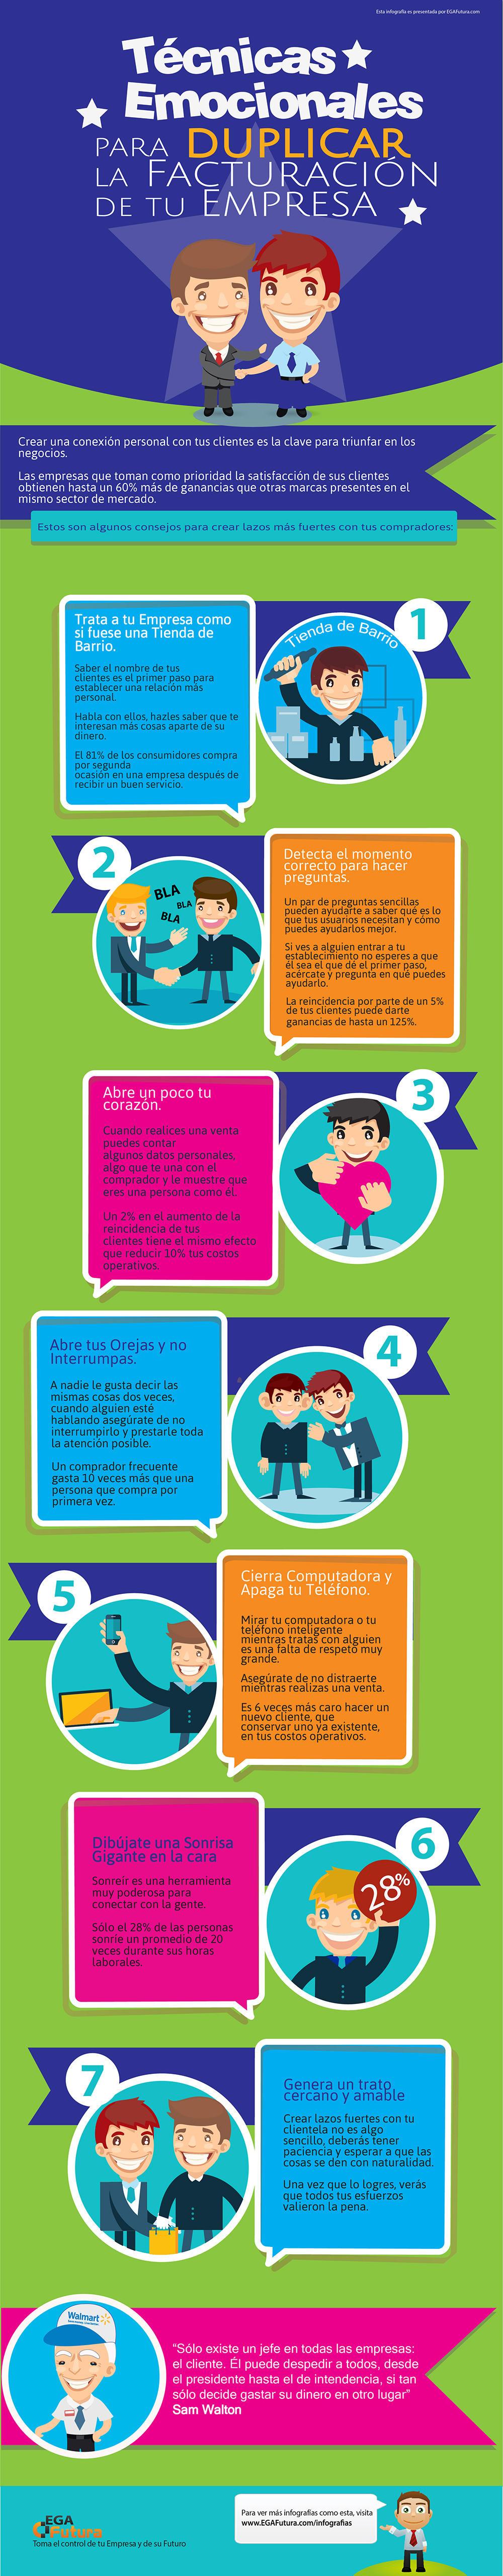 Infografía: 7 Técnicas Emocionales para DUPLICAR la Facturación de tu Empresa